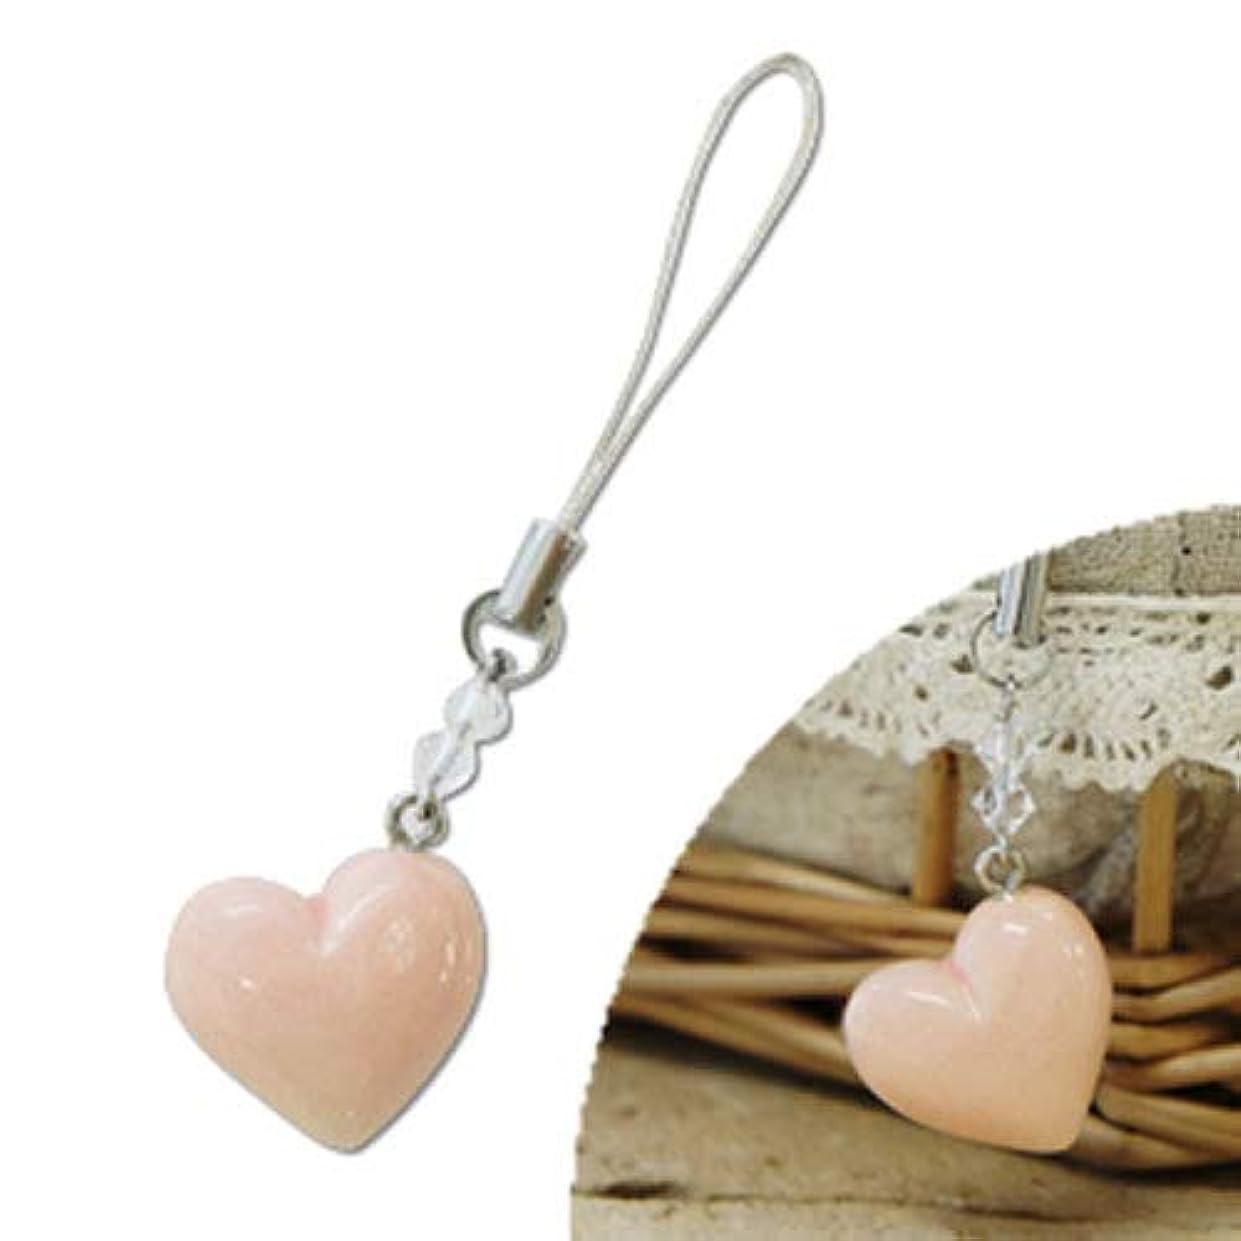 画像エゴマニア崇拝する京焼アロマストラップ PINK HEART(ピンクハート)